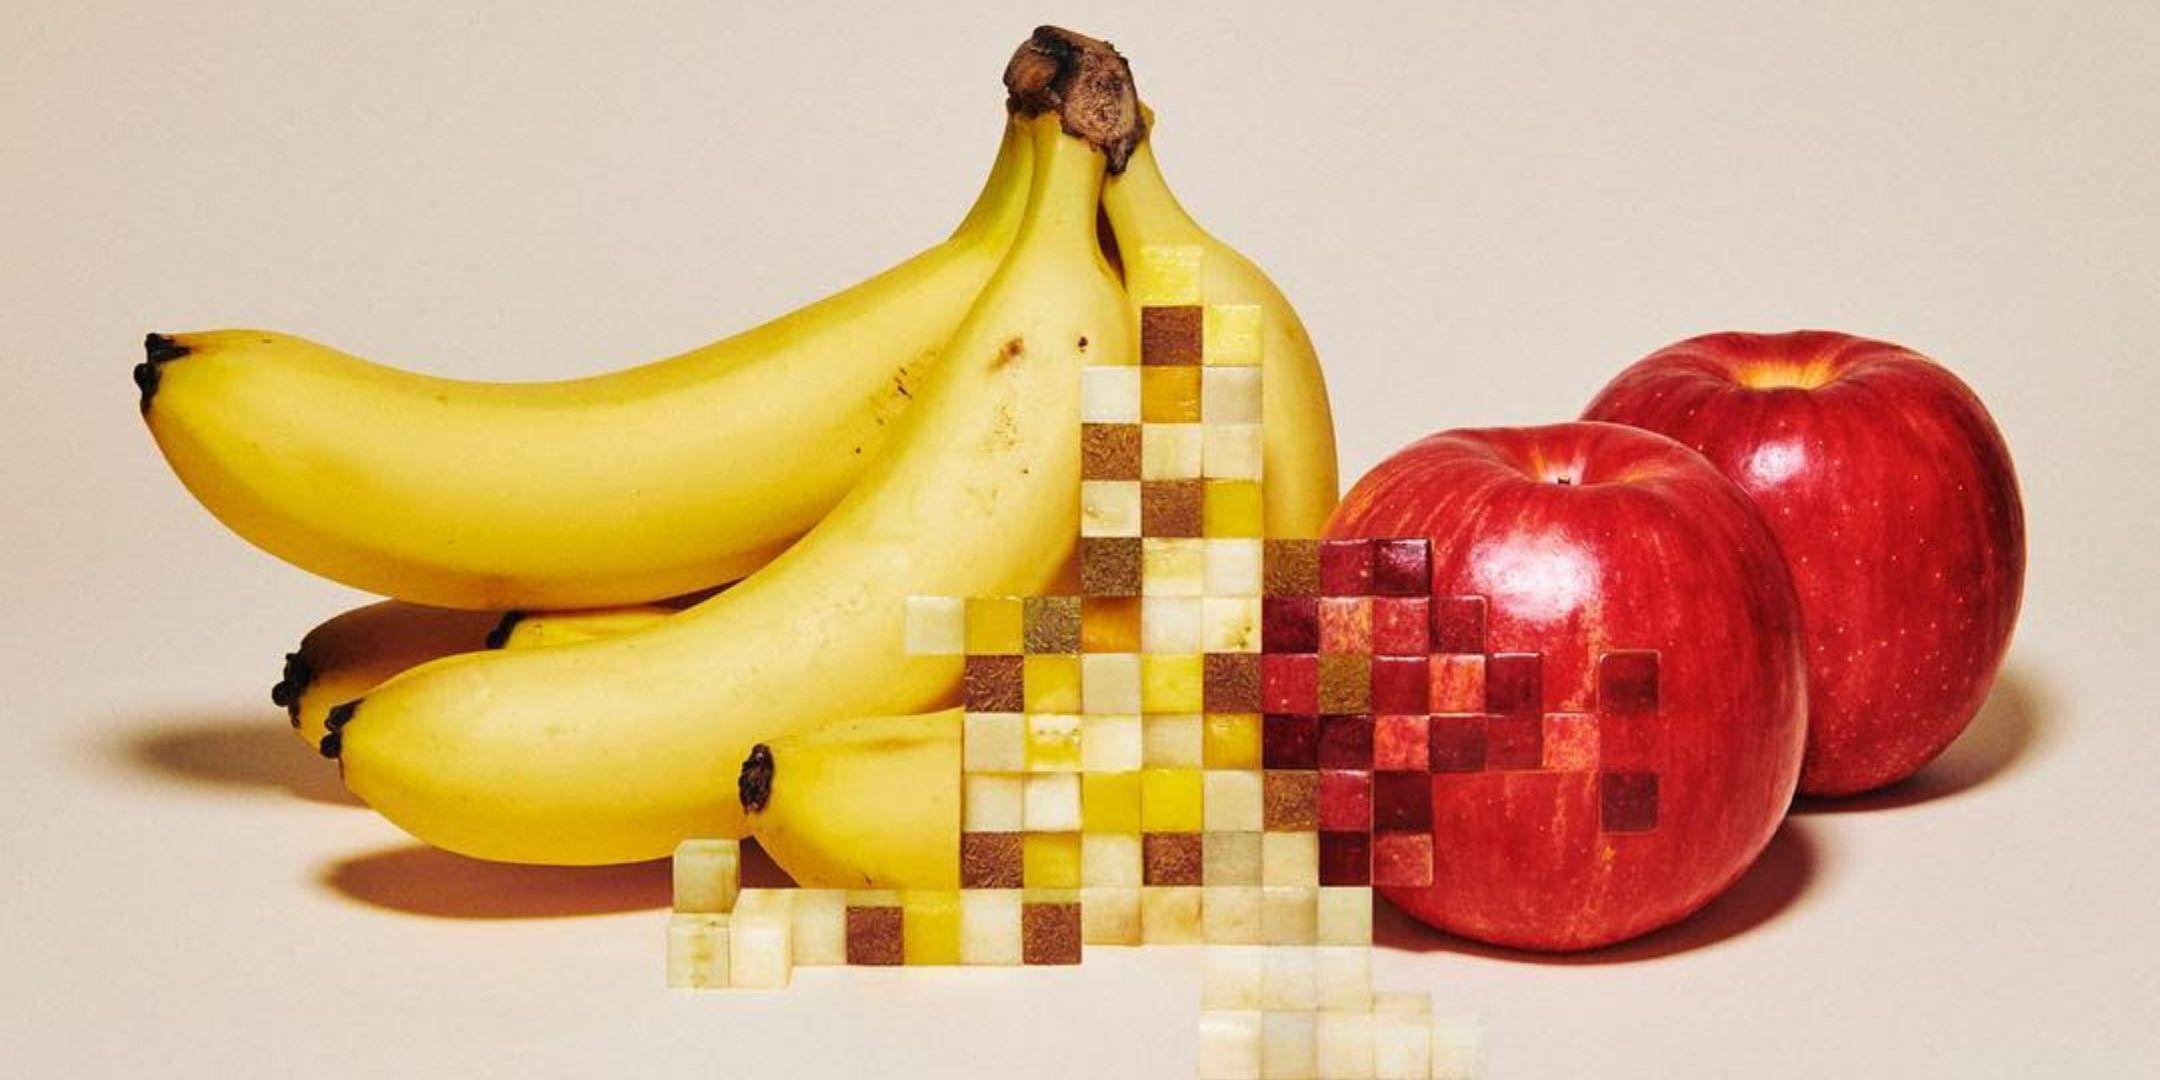 obras surrealistas de pixeles con bananas y manzanas